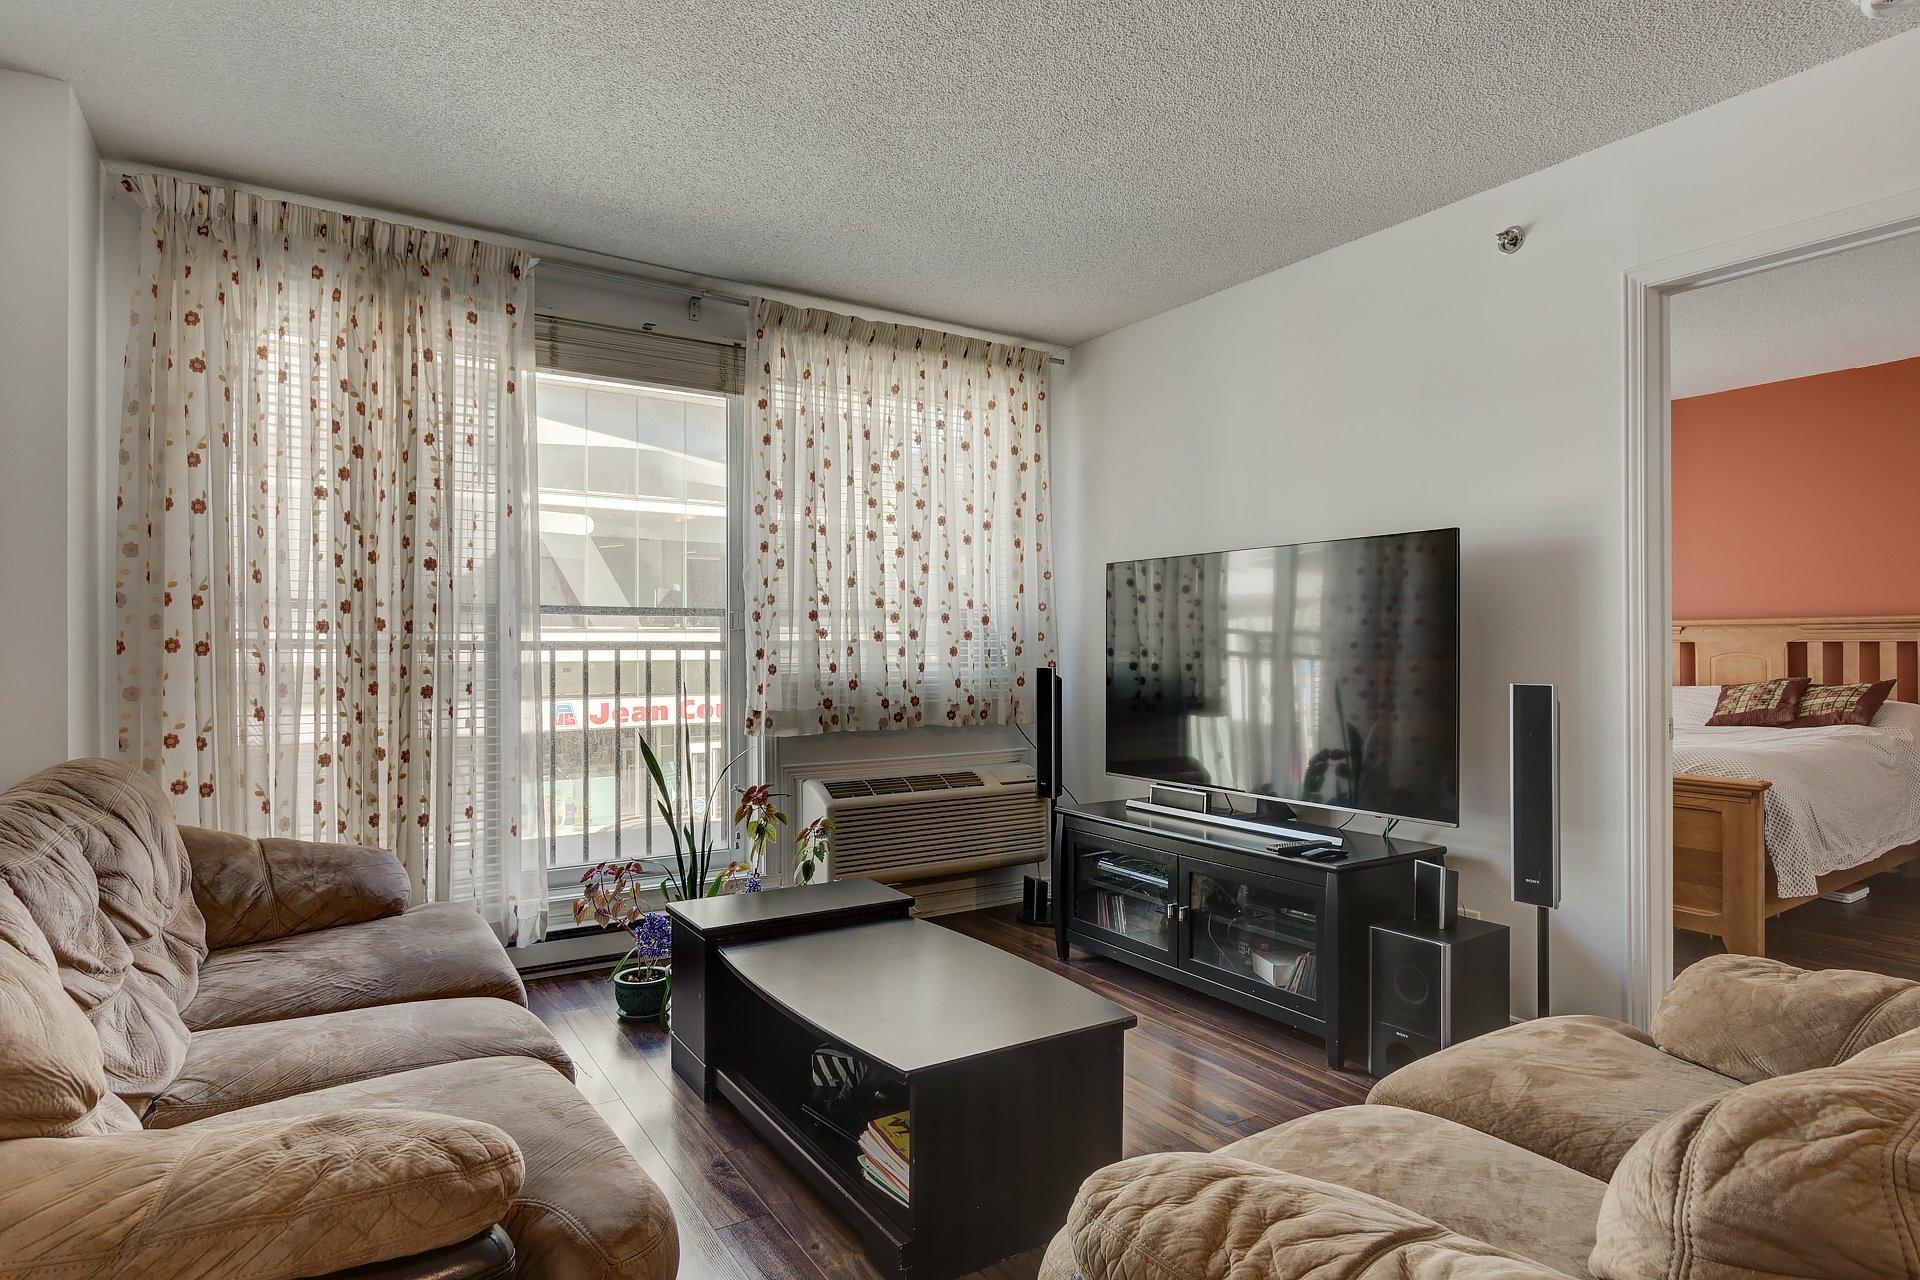 image 2 - Appartement À vendre Montréal Ville-Marie  - 6 pièces